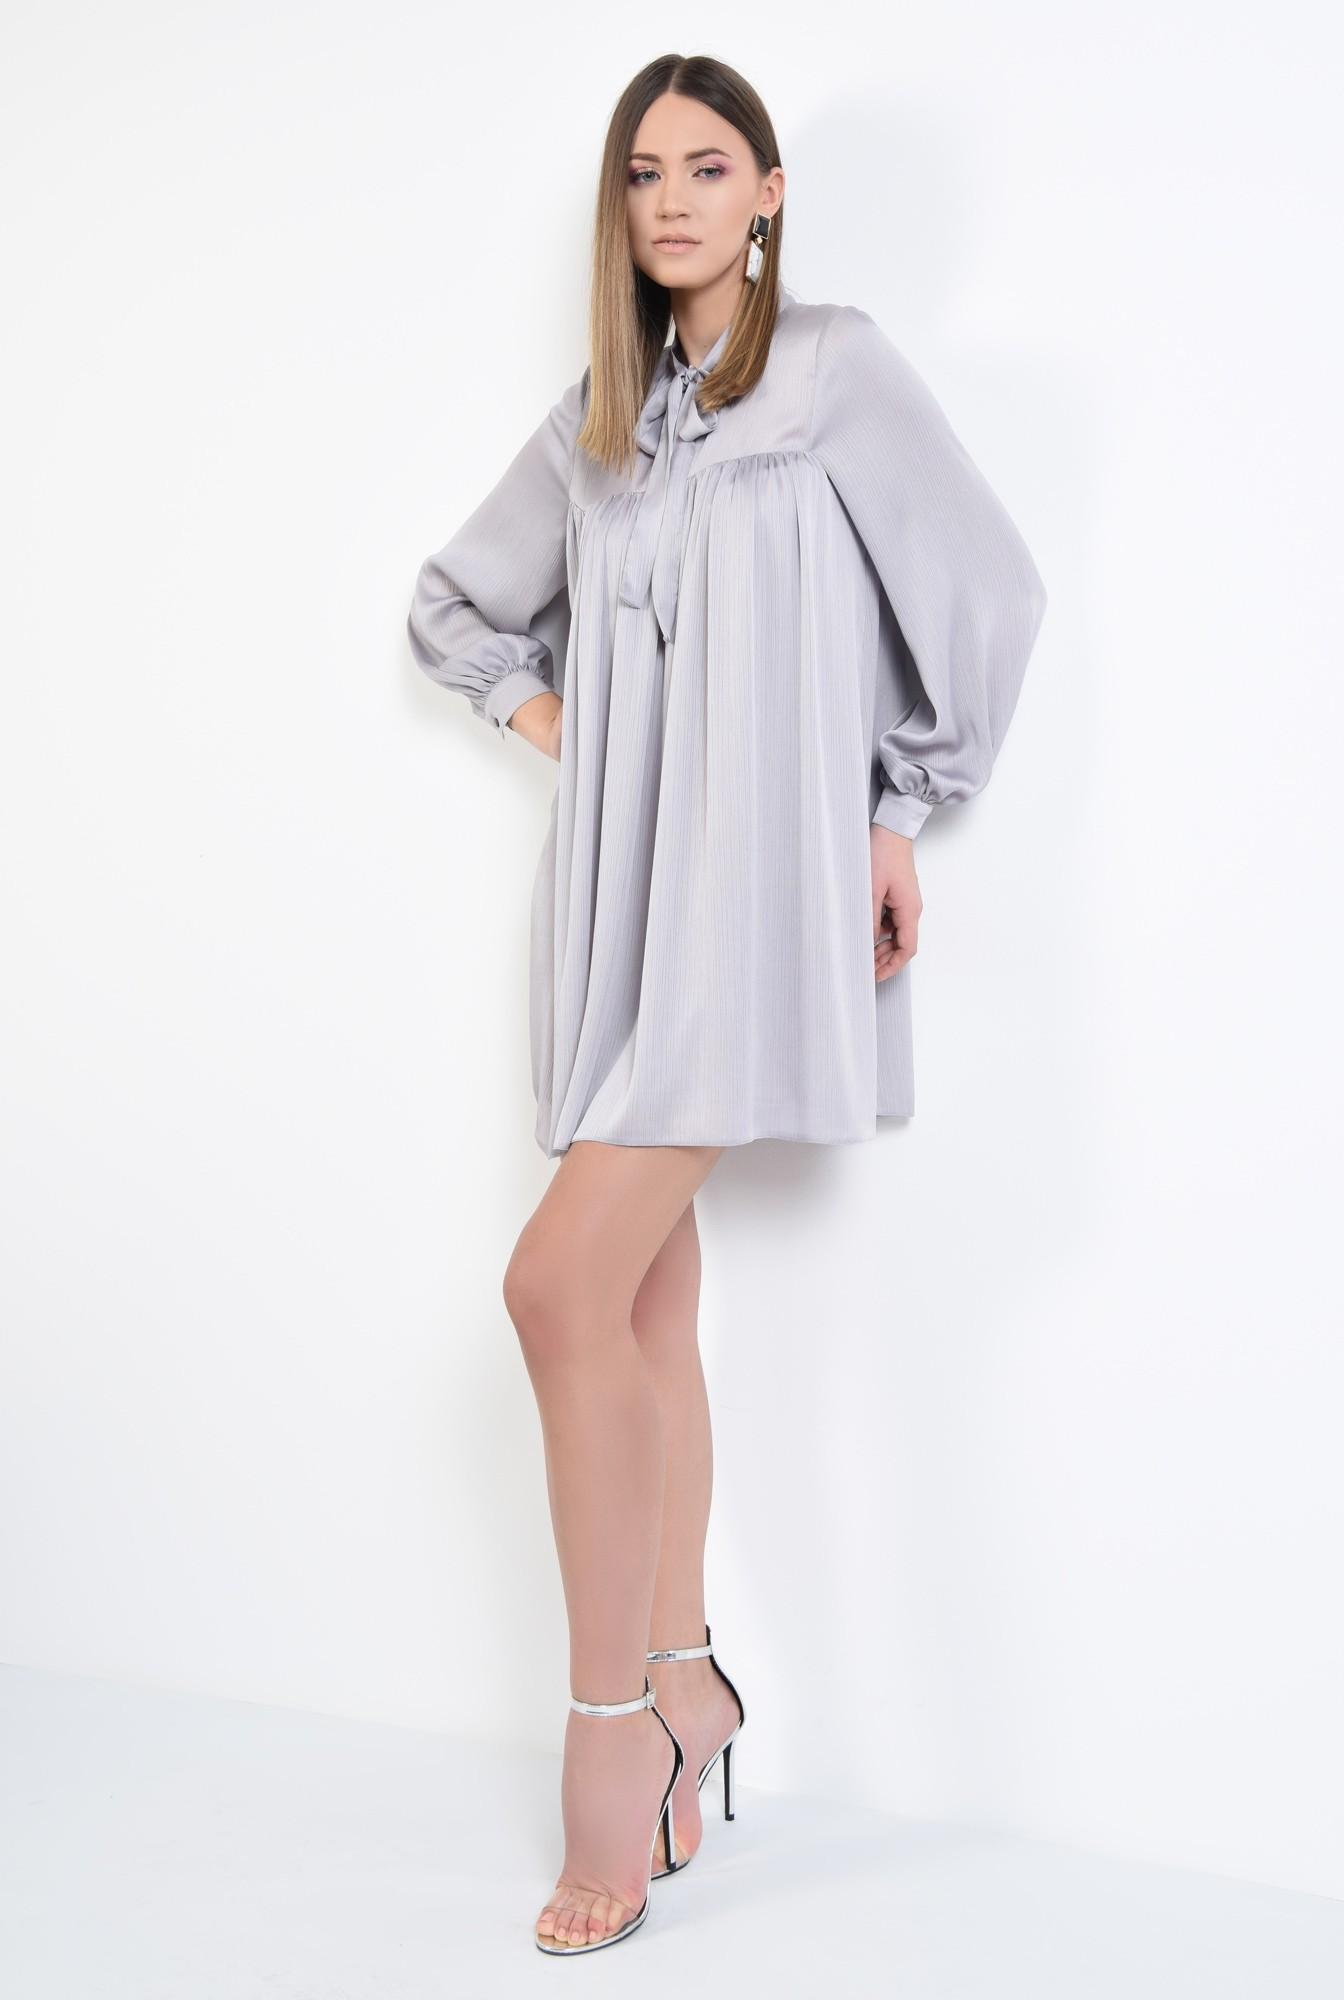 0 - 360 - rochie eleganta, scurta, babydoll, cu maneci bufante lungi, funda